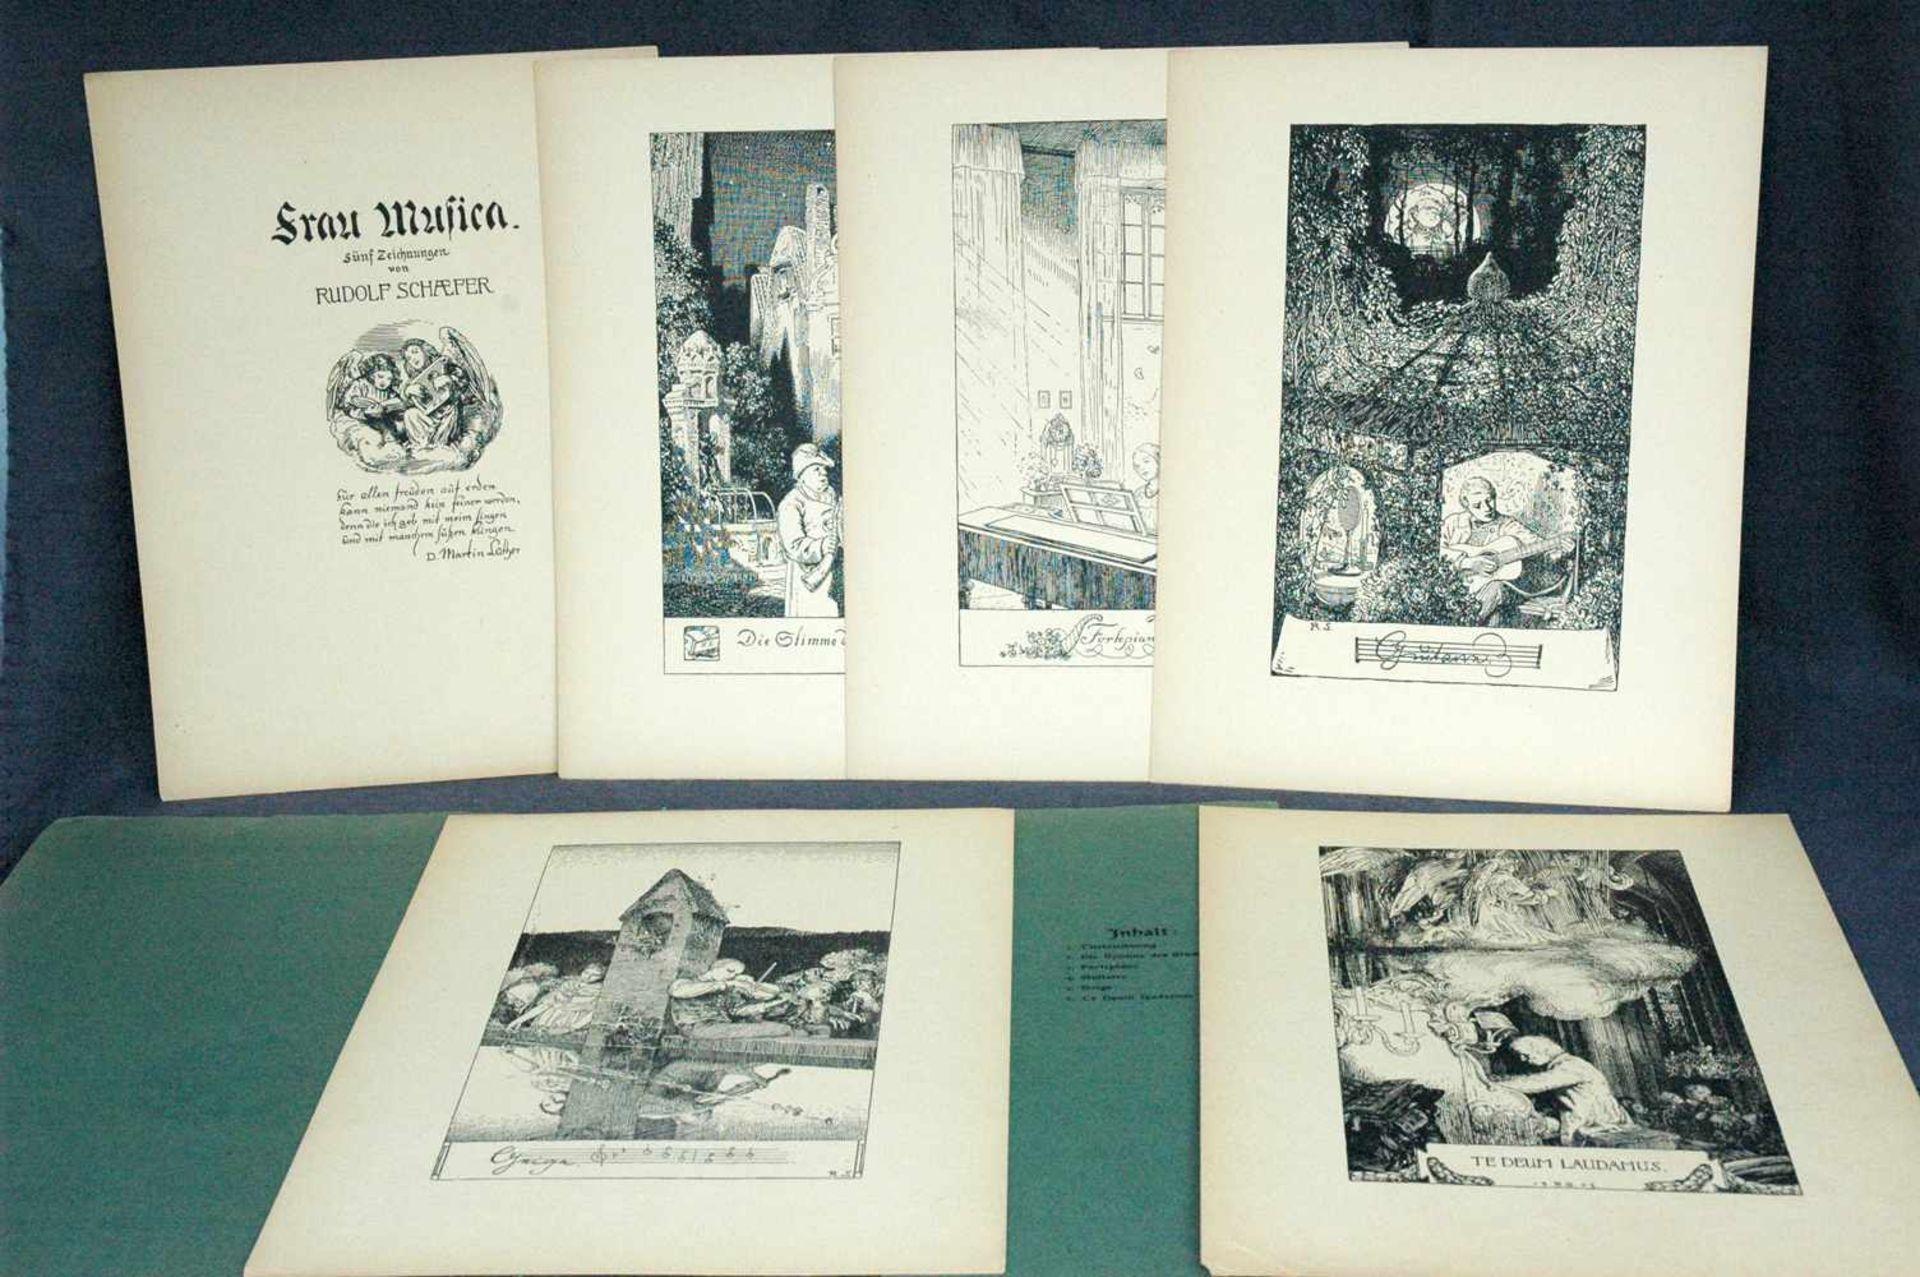 Bildermappen fürs deutsche Haus, 1. Frau Musica, sechs Zeichnungen von Rudolf Schaefer, achtzehnte - Bild 2 aus 2